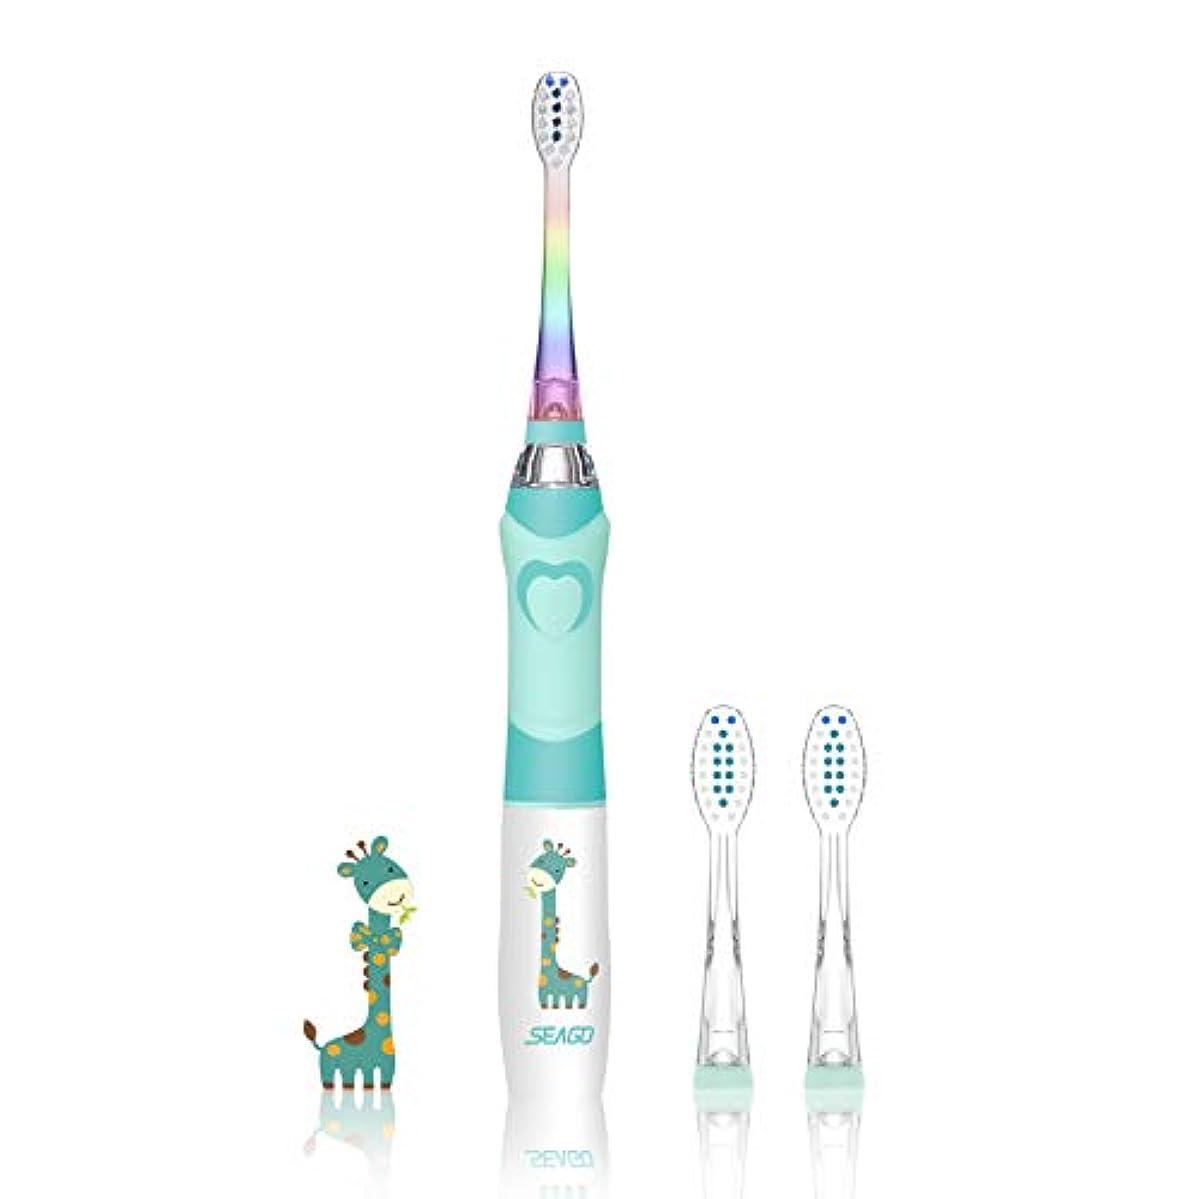 絶えずヨーグルトつぼみ電動歯ブラシ子供用 SEAGO 音波歯ブラシLEDランプ付き 替えブラシ2個 IPX7級防水2分オートタイマ 977(グリーン)